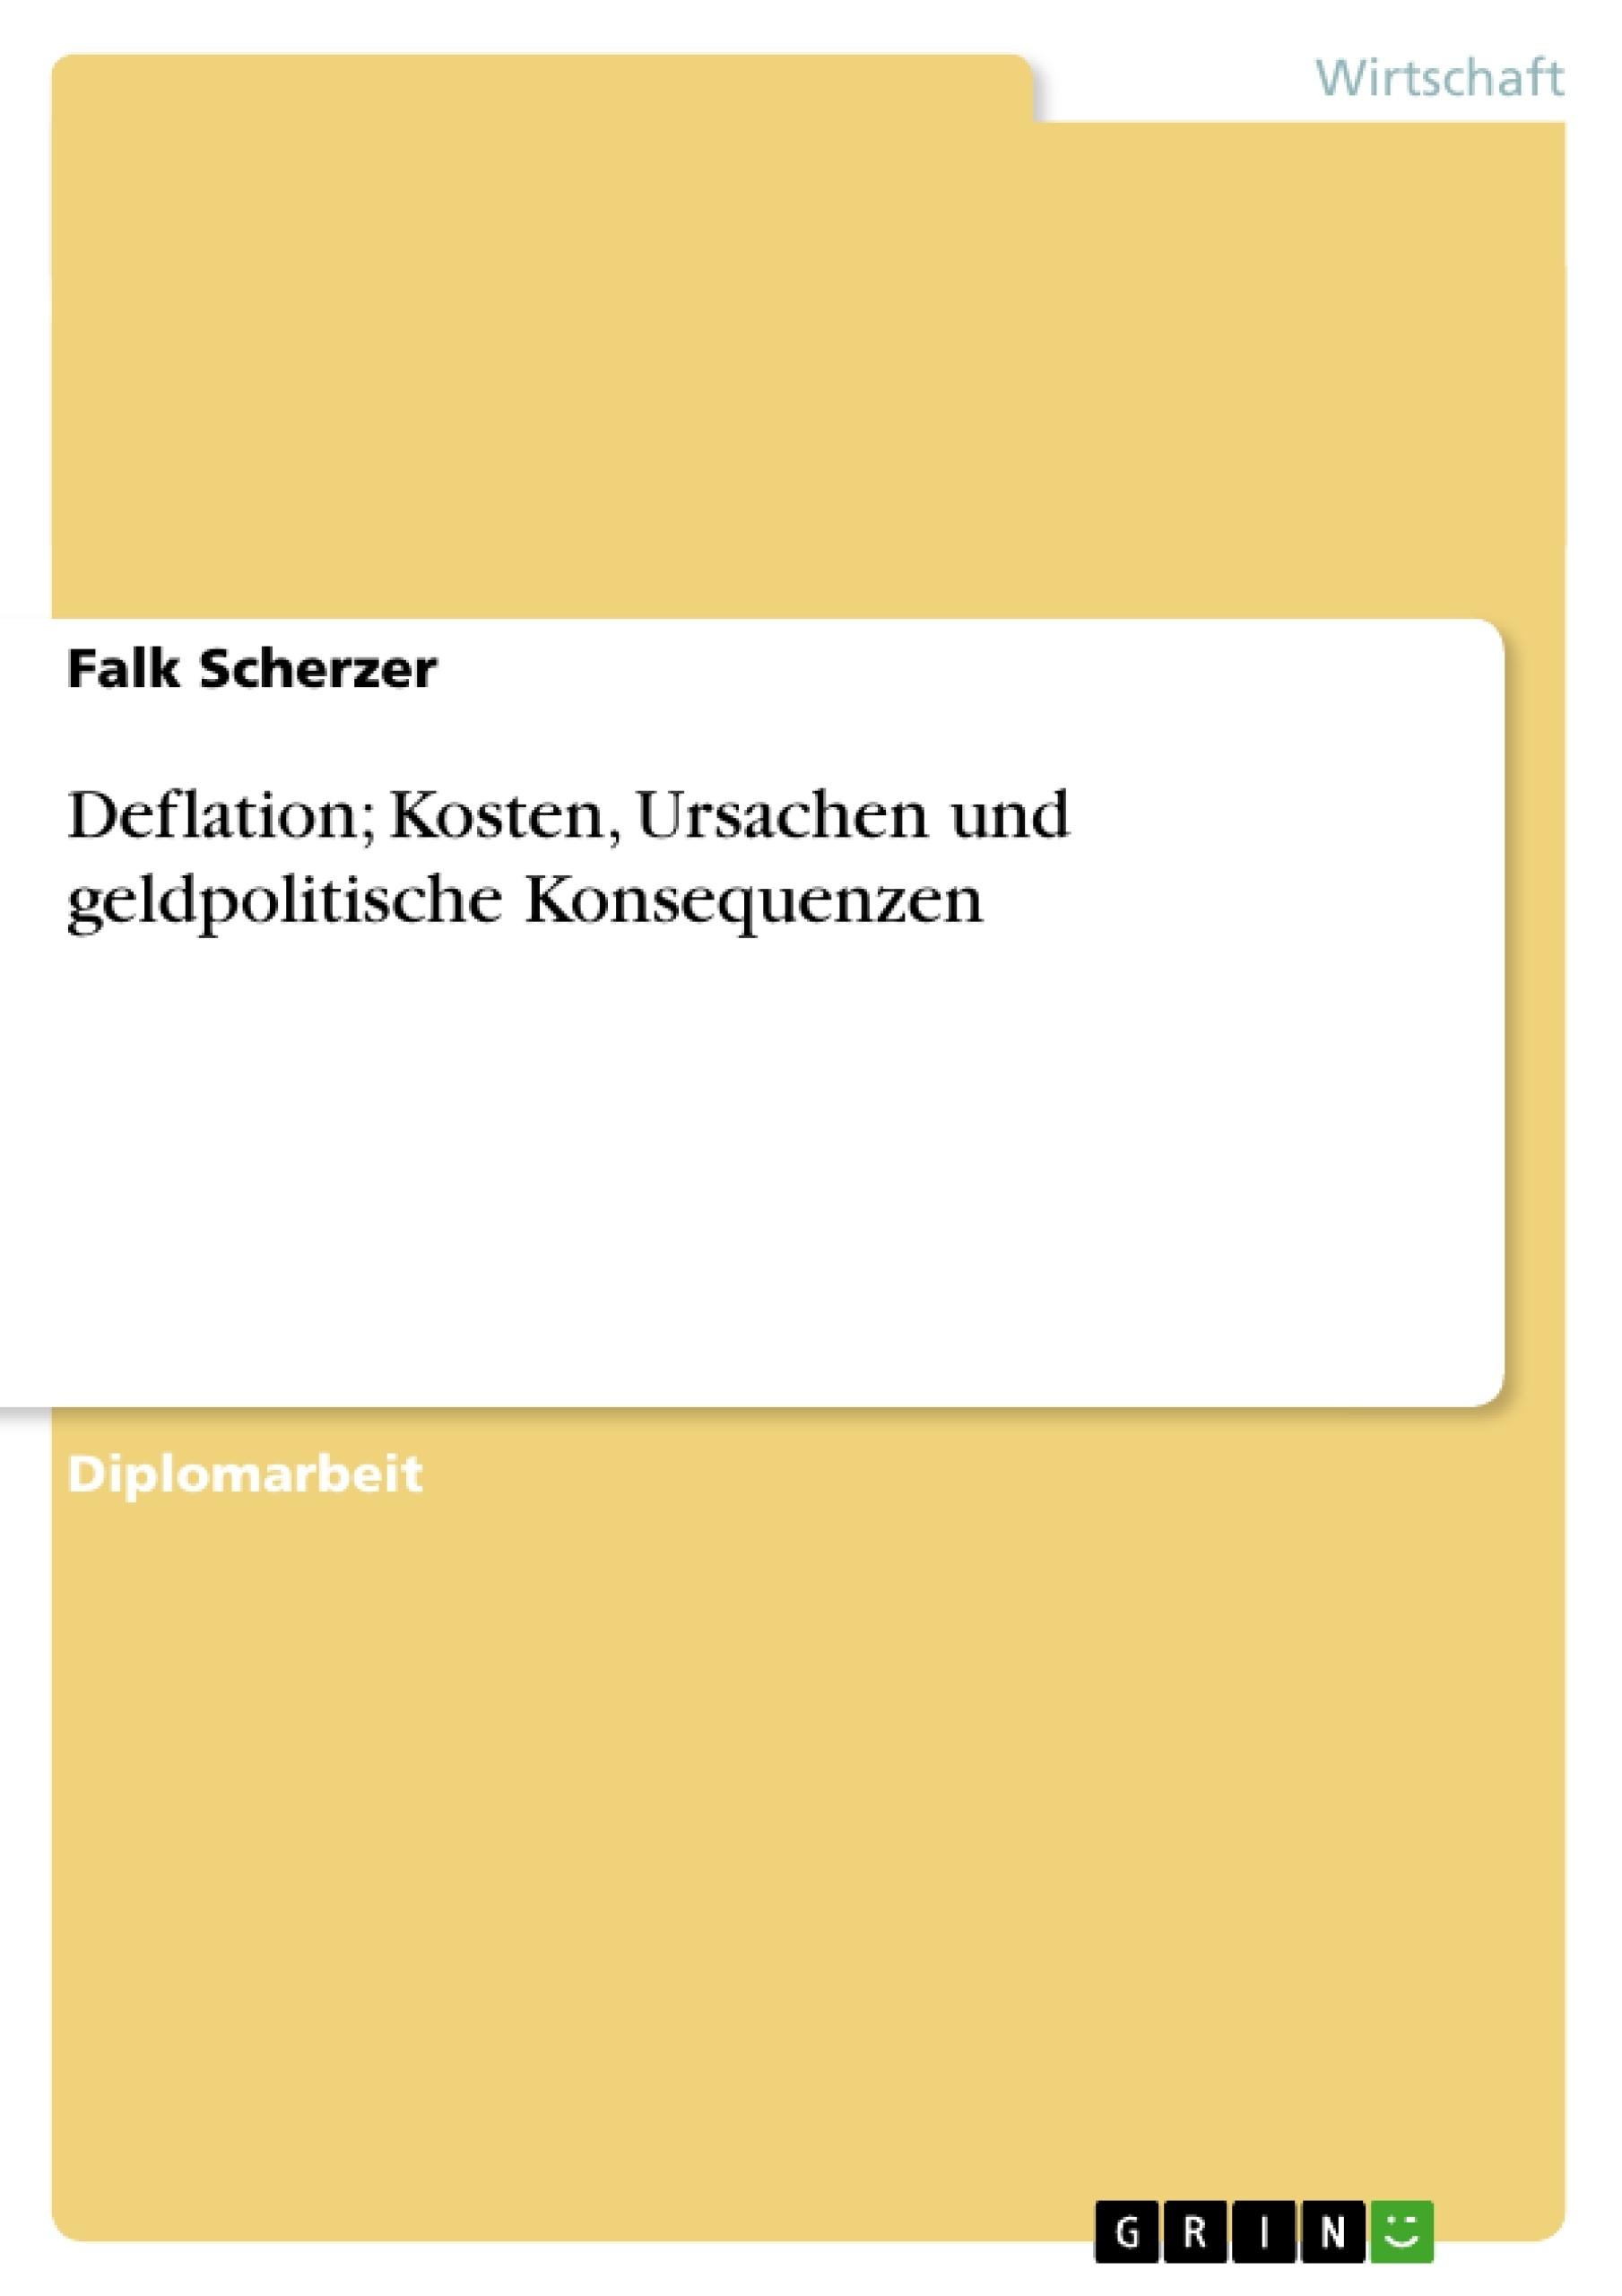 Titel: Deflation; Kosten, Ursachen und geldpolitische Konsequenzen